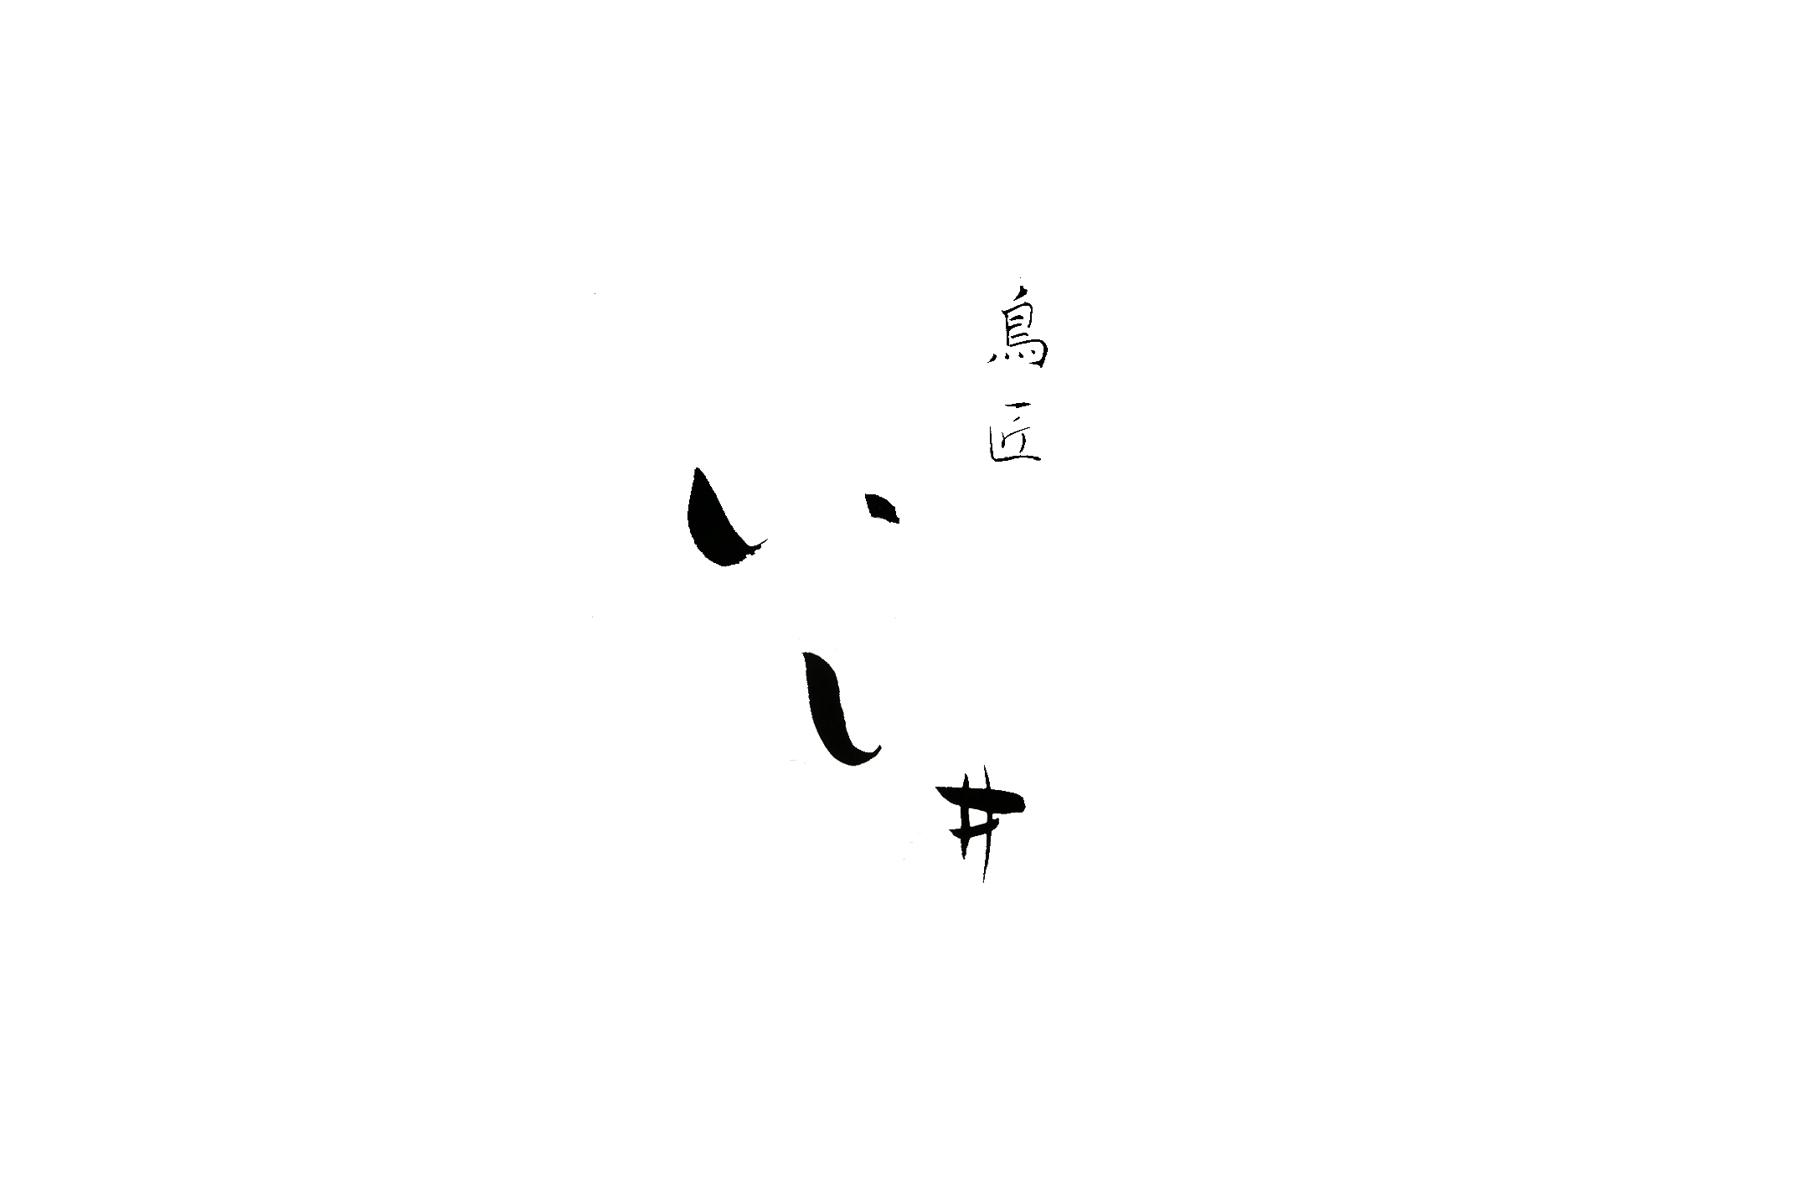 鳥匠 いし井の1枚目のカバー写真